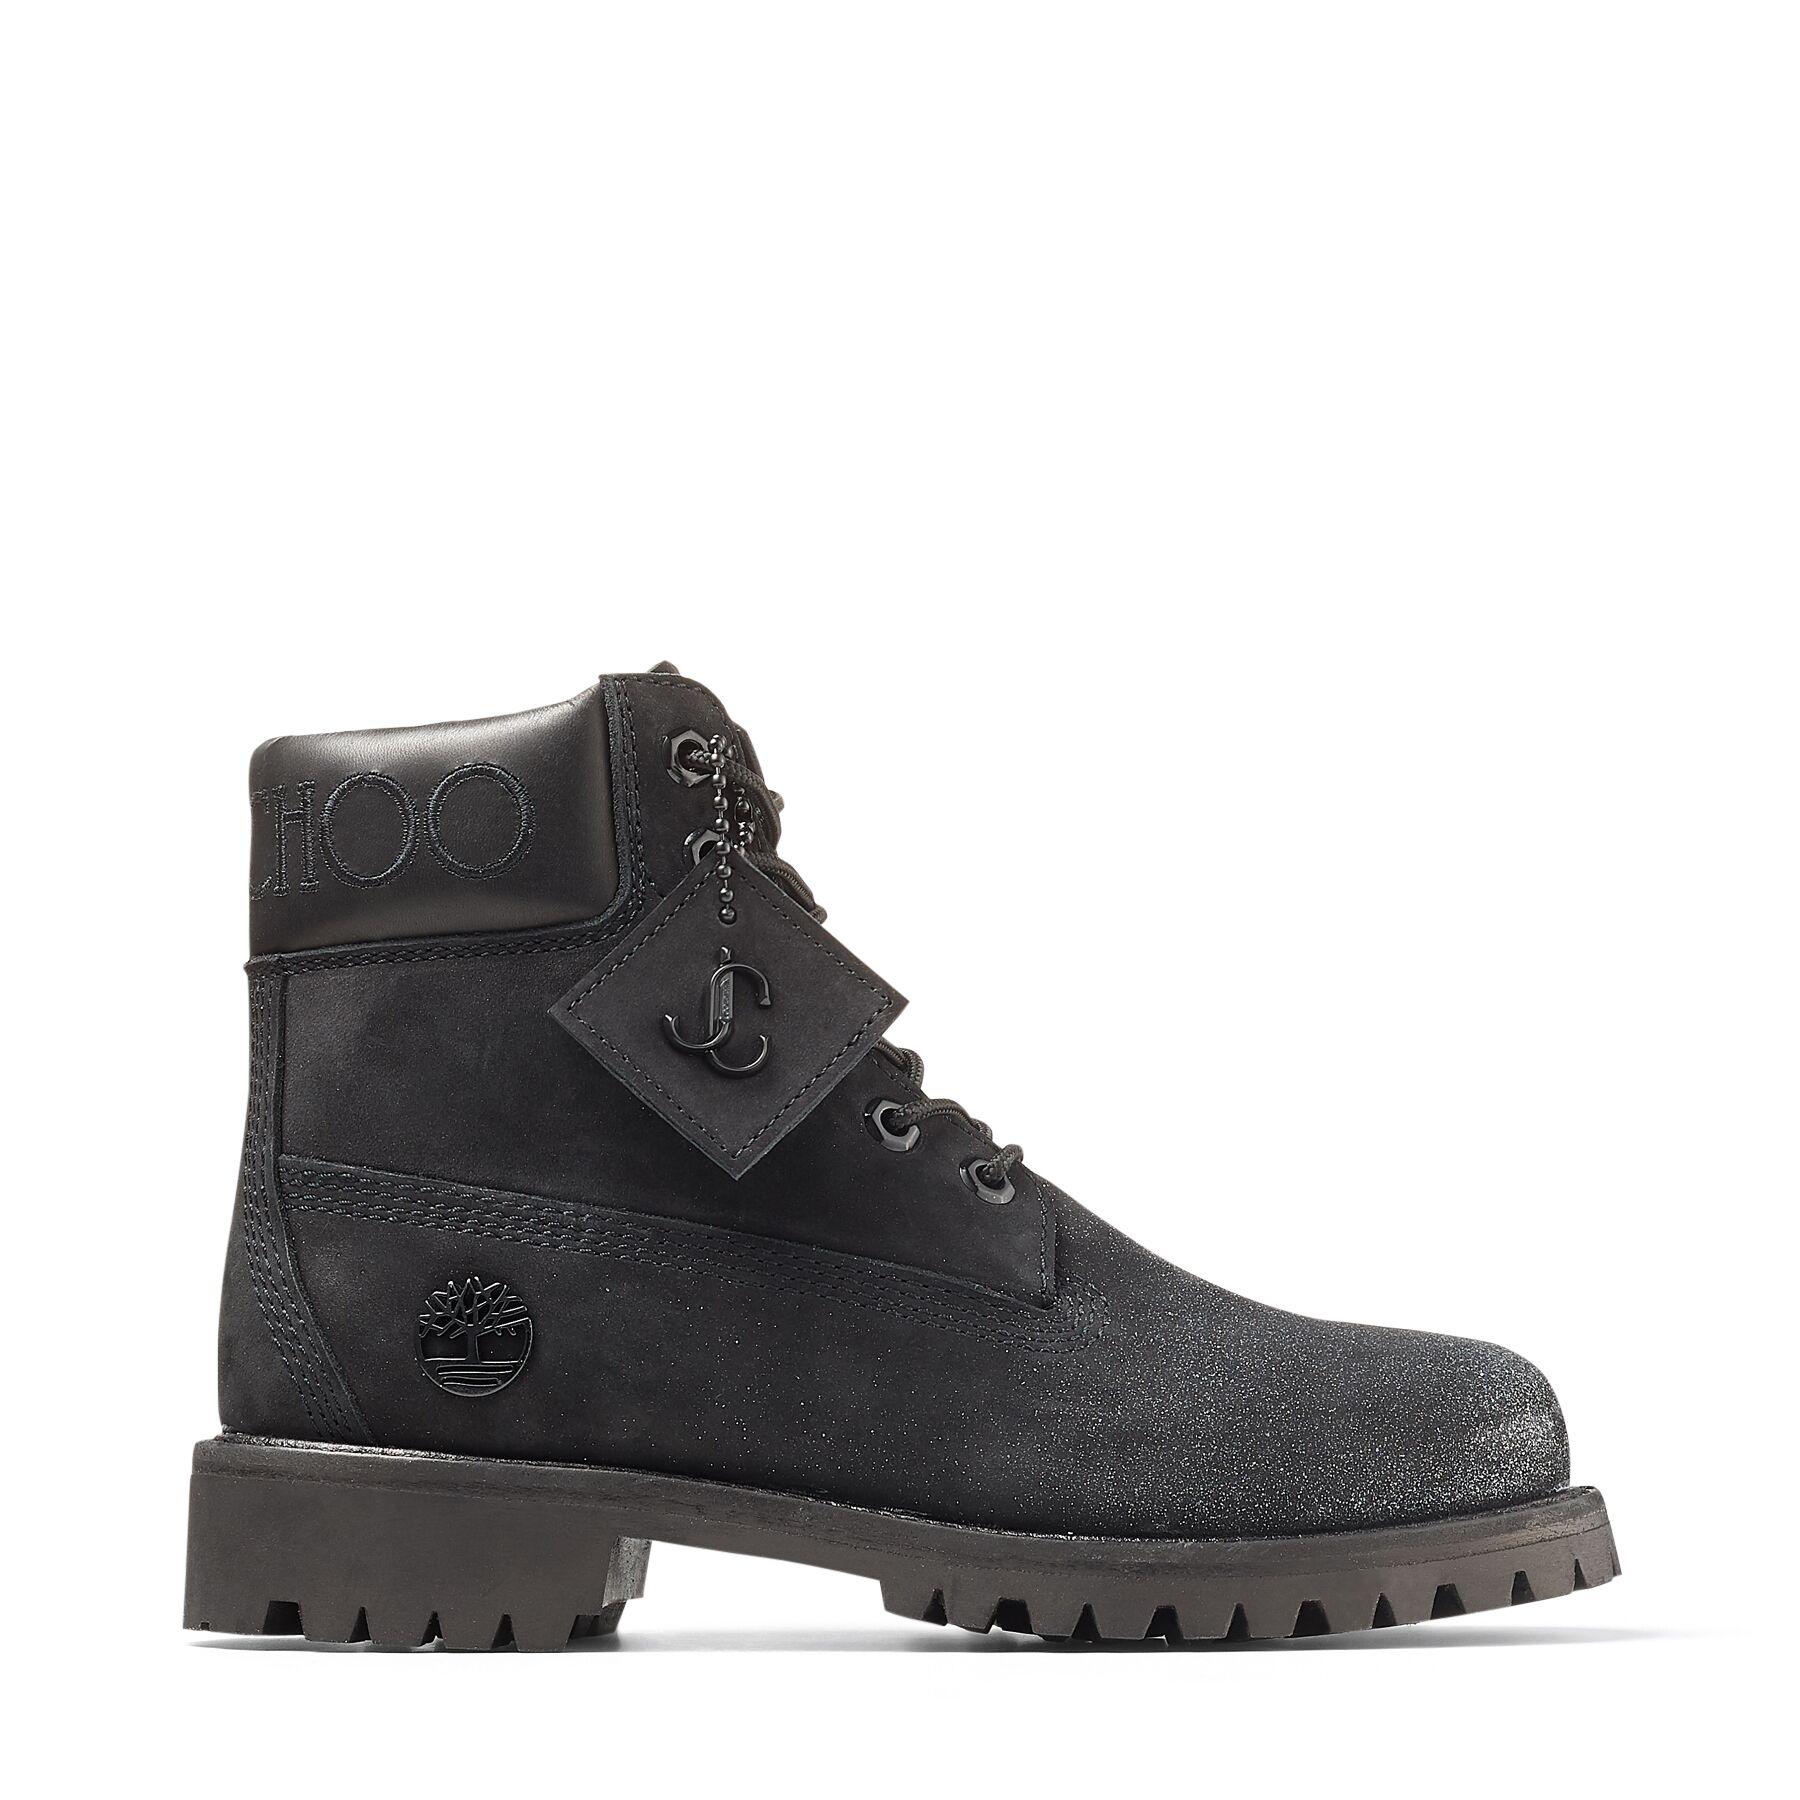 Jimmy Choo Jc X Timberland/F  - Black - Size: 8.5